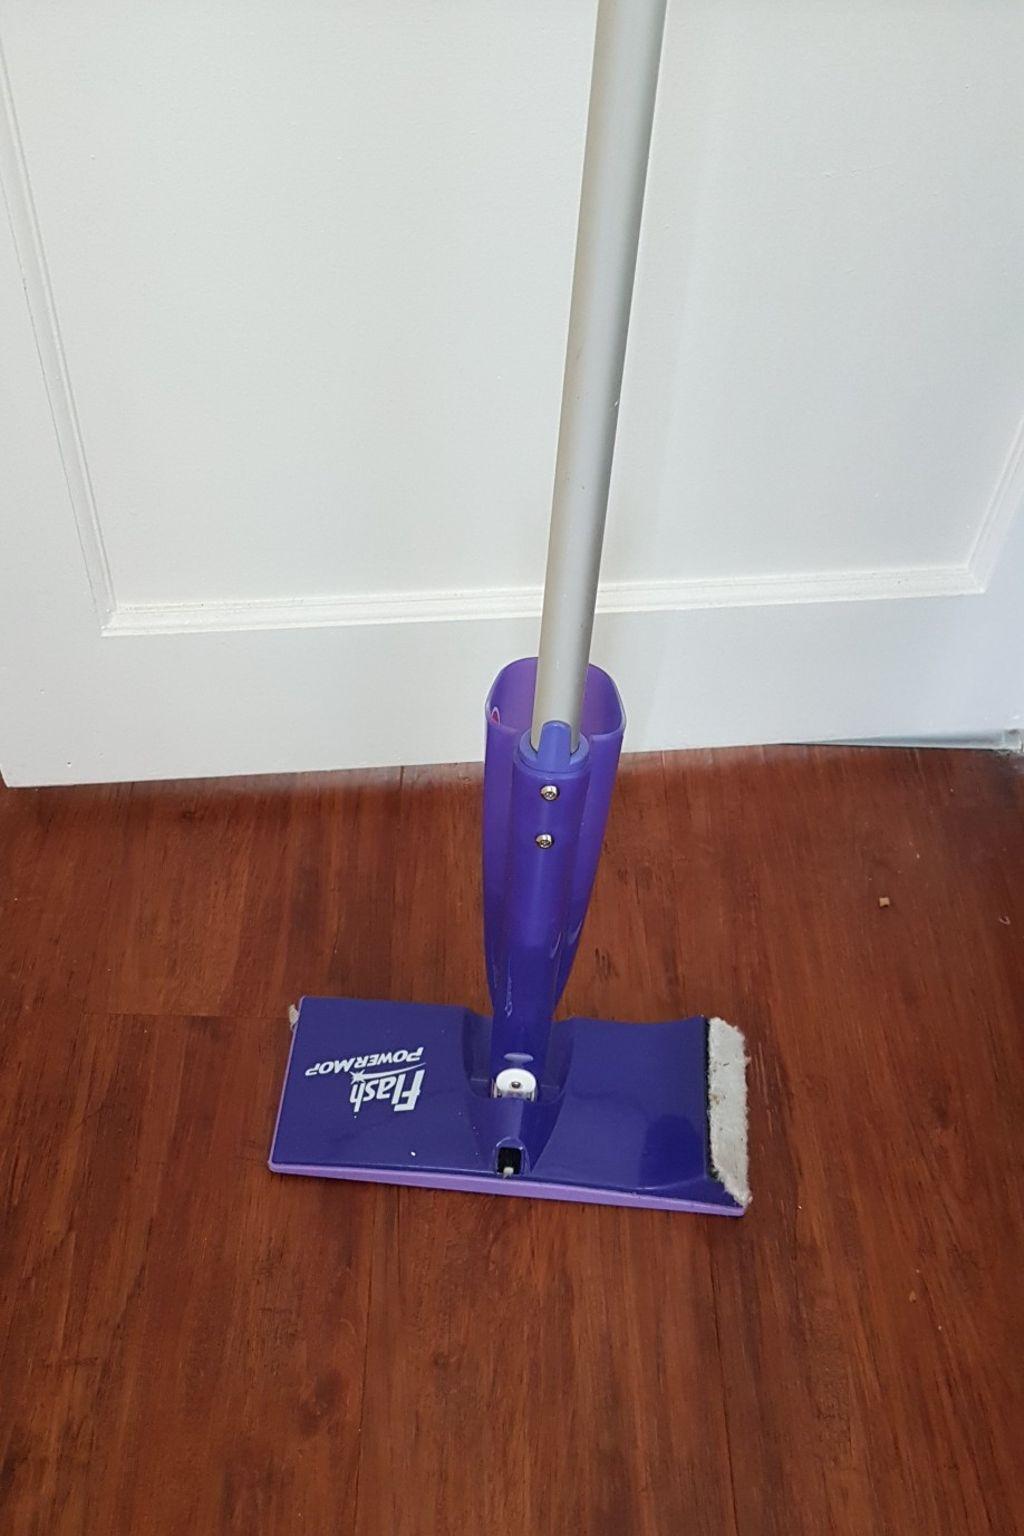 hardwood floor refinishing whitby of https en shpock com i wyrbks0qwgktwwy9 2017 08 08t204627 for flash mop 1641cb60